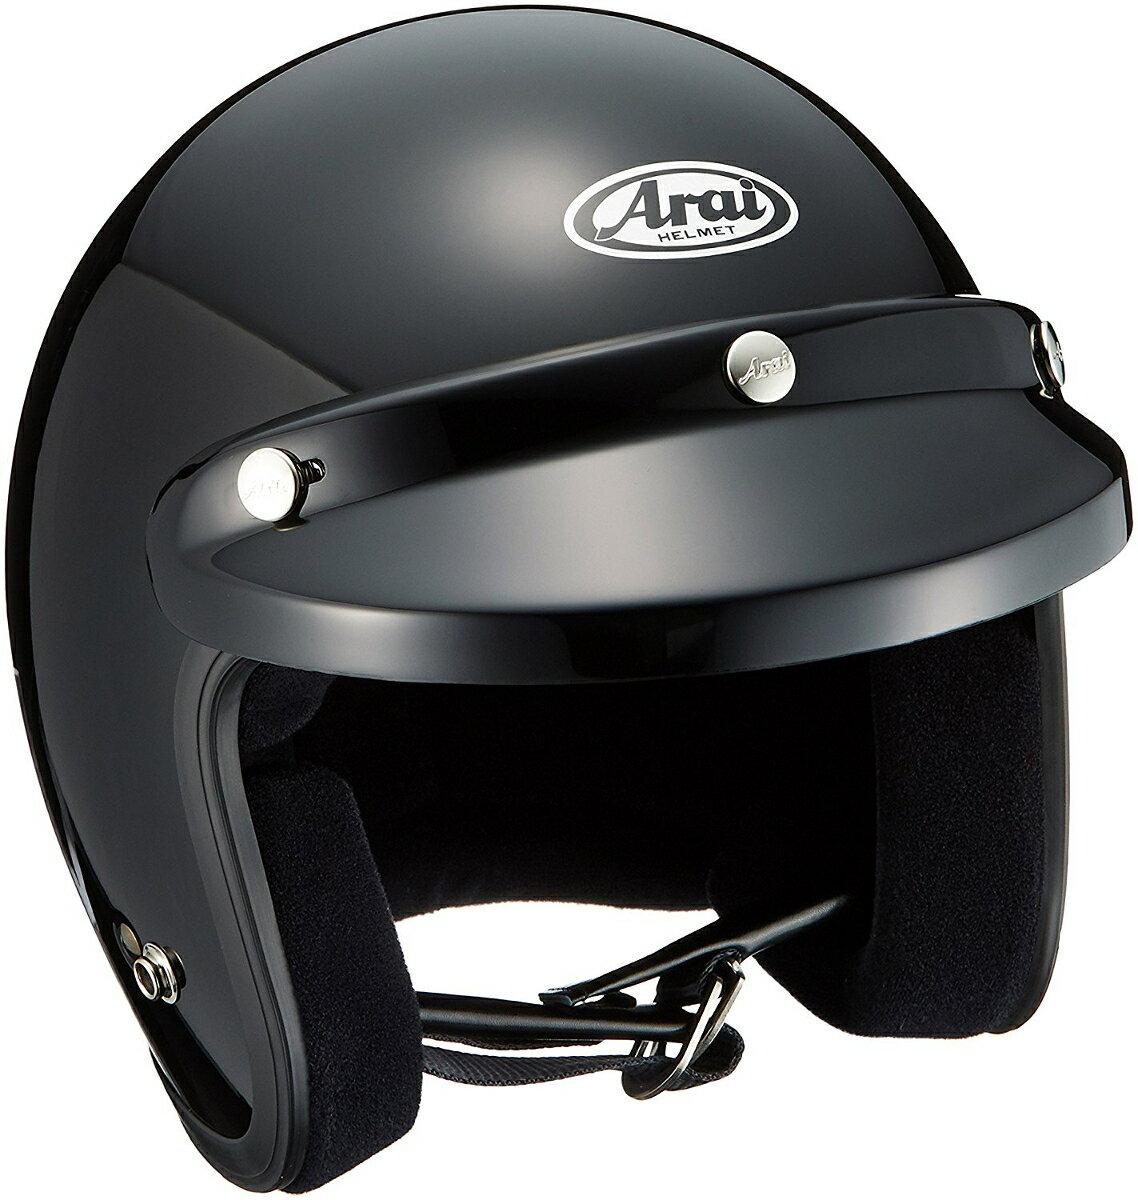 ARAI ジェットヘルメット S-70 ブラック Sサイズ 55-56cm